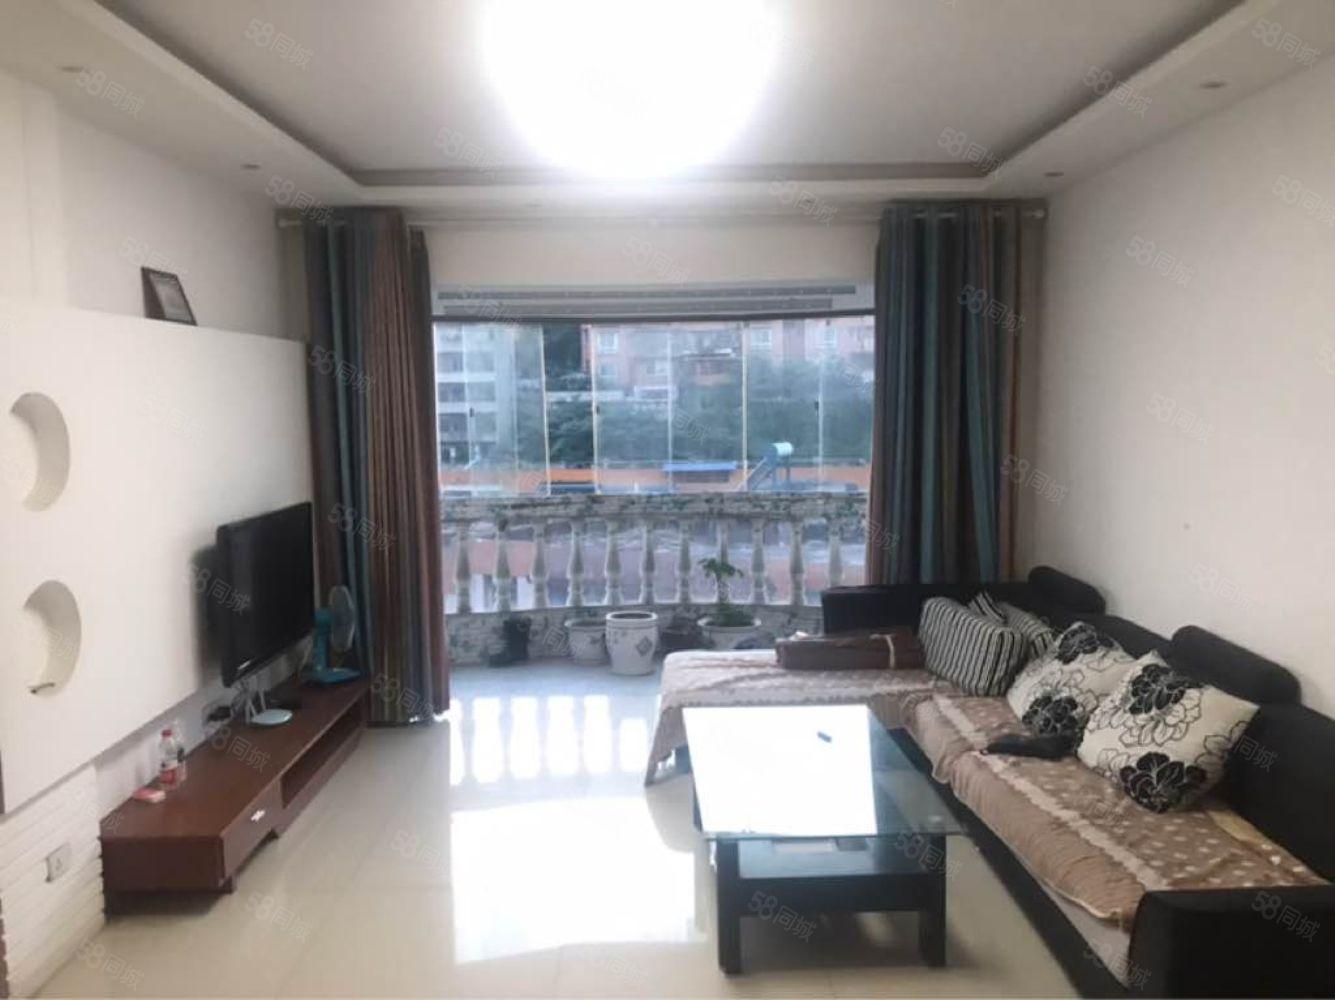 汇川杭州路西湖大楼精装三室两厅两卫出售家具齐全老证学区房